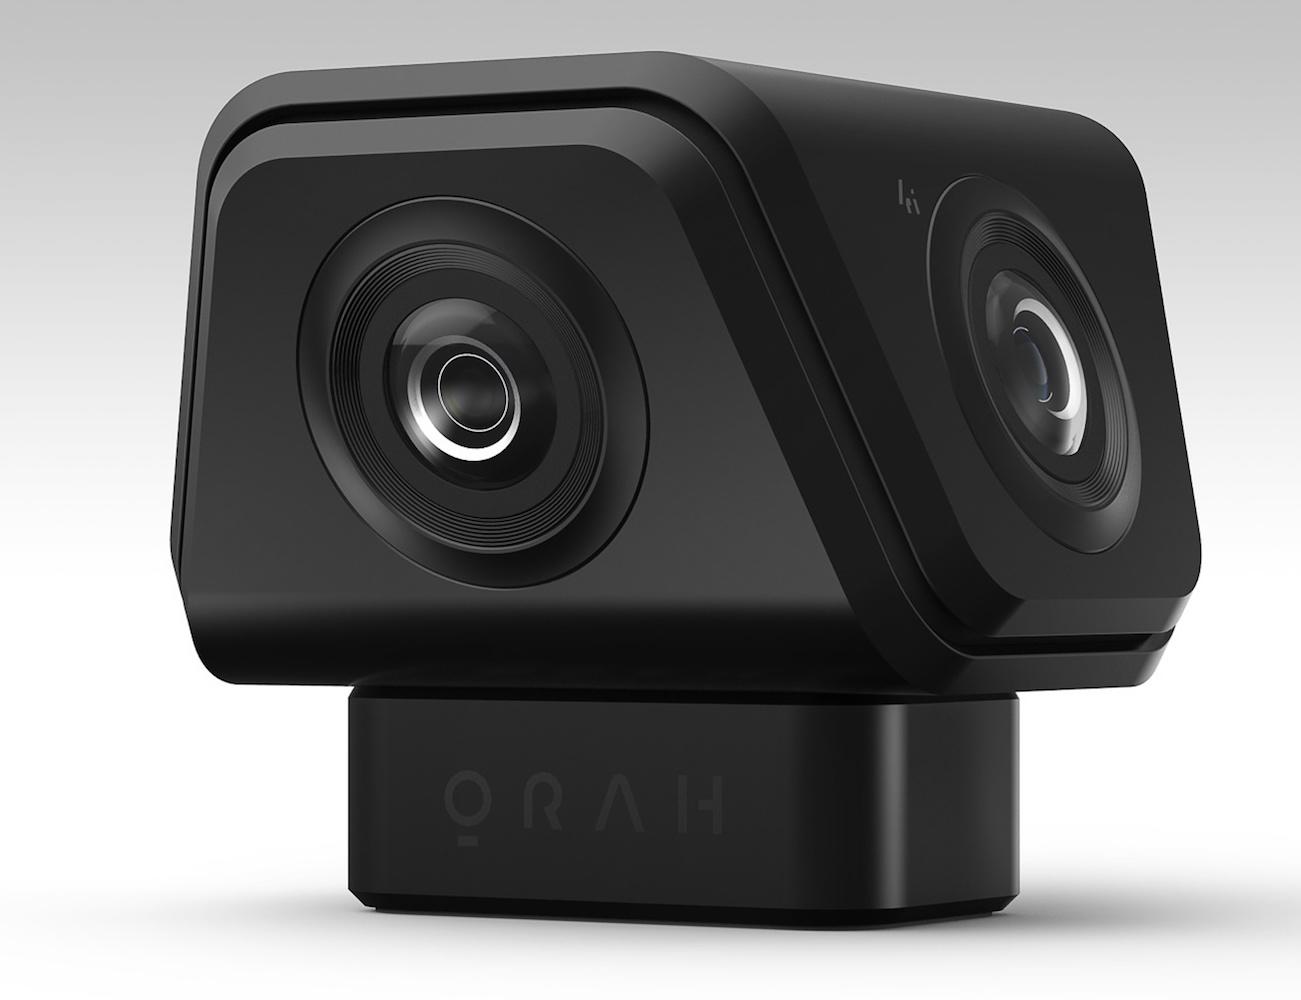 Orah 4i Live Stream 4K Camera